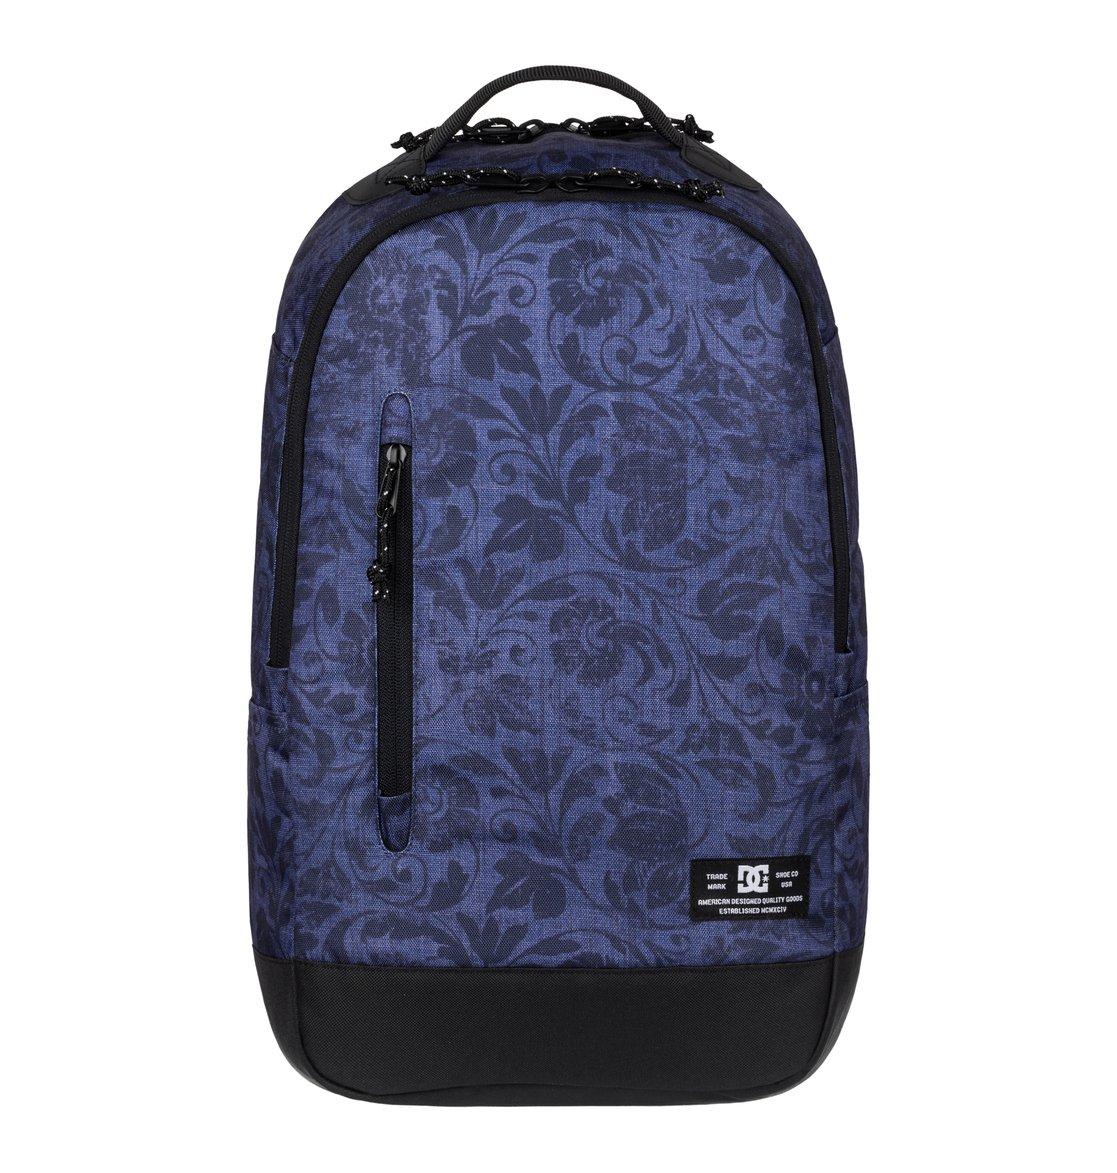 Рюкзаки dc однолямочный рюкзак, типа ситки